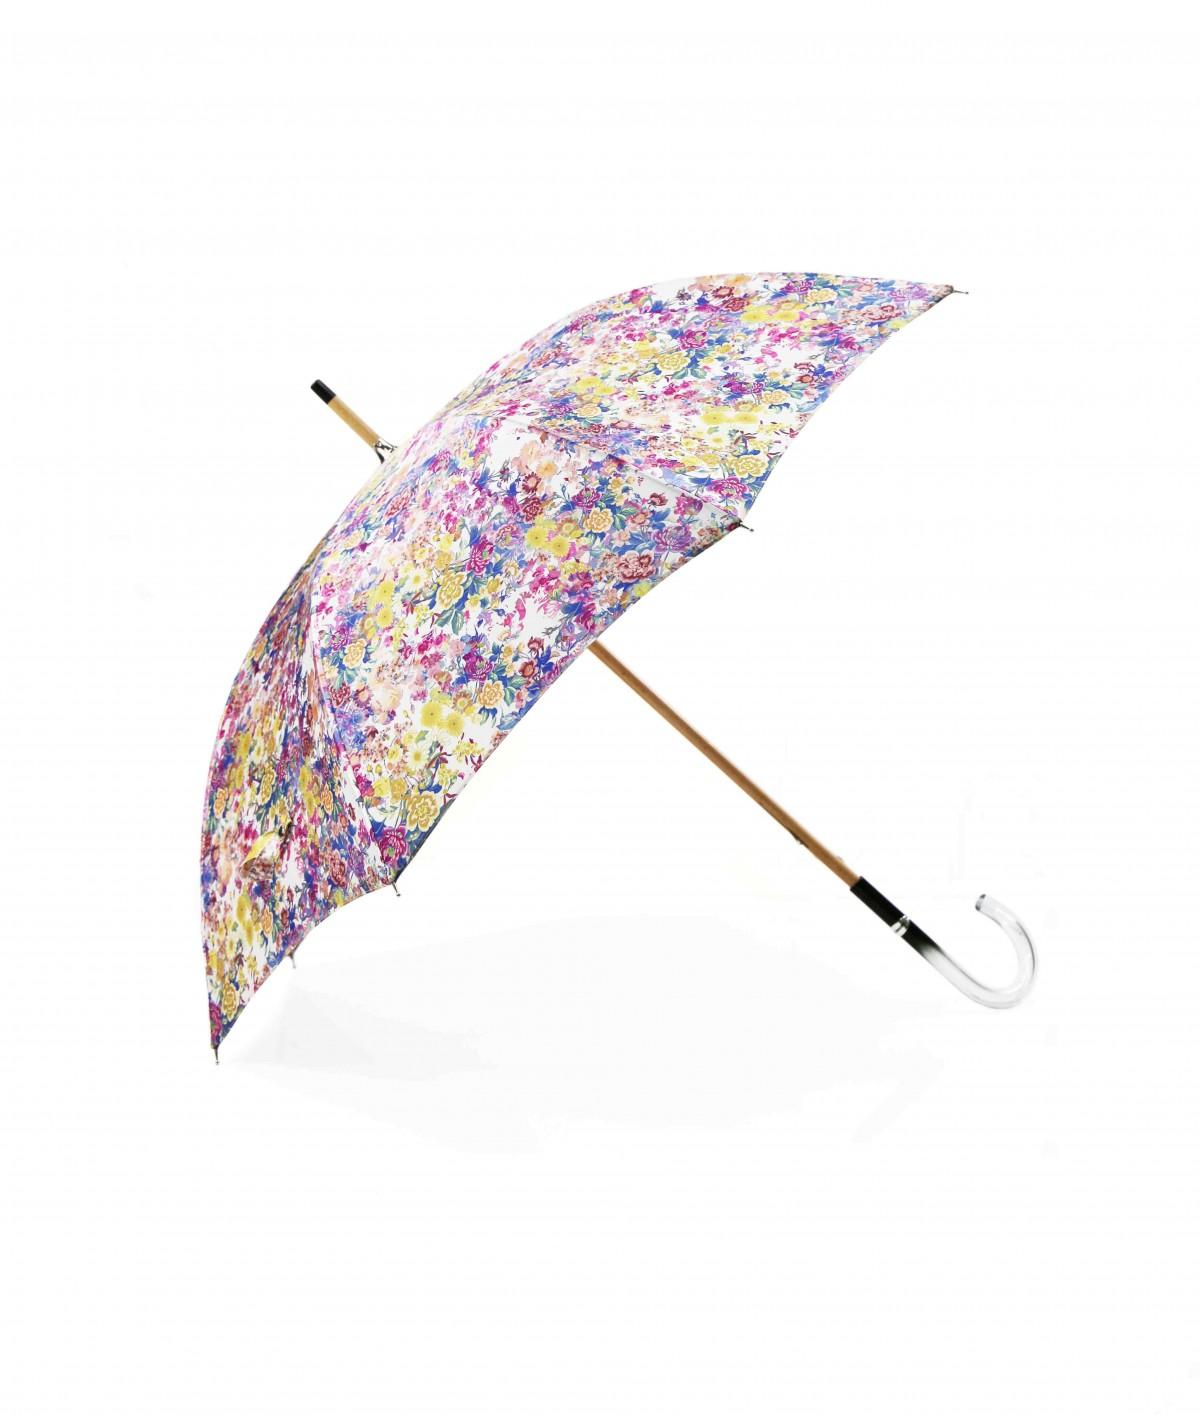 → Parapluie Satin Imprimé Fantaisie - Long Manuel N°14 - Made in France par Maison Pierre Vaux Fabricant Français de Parapluie